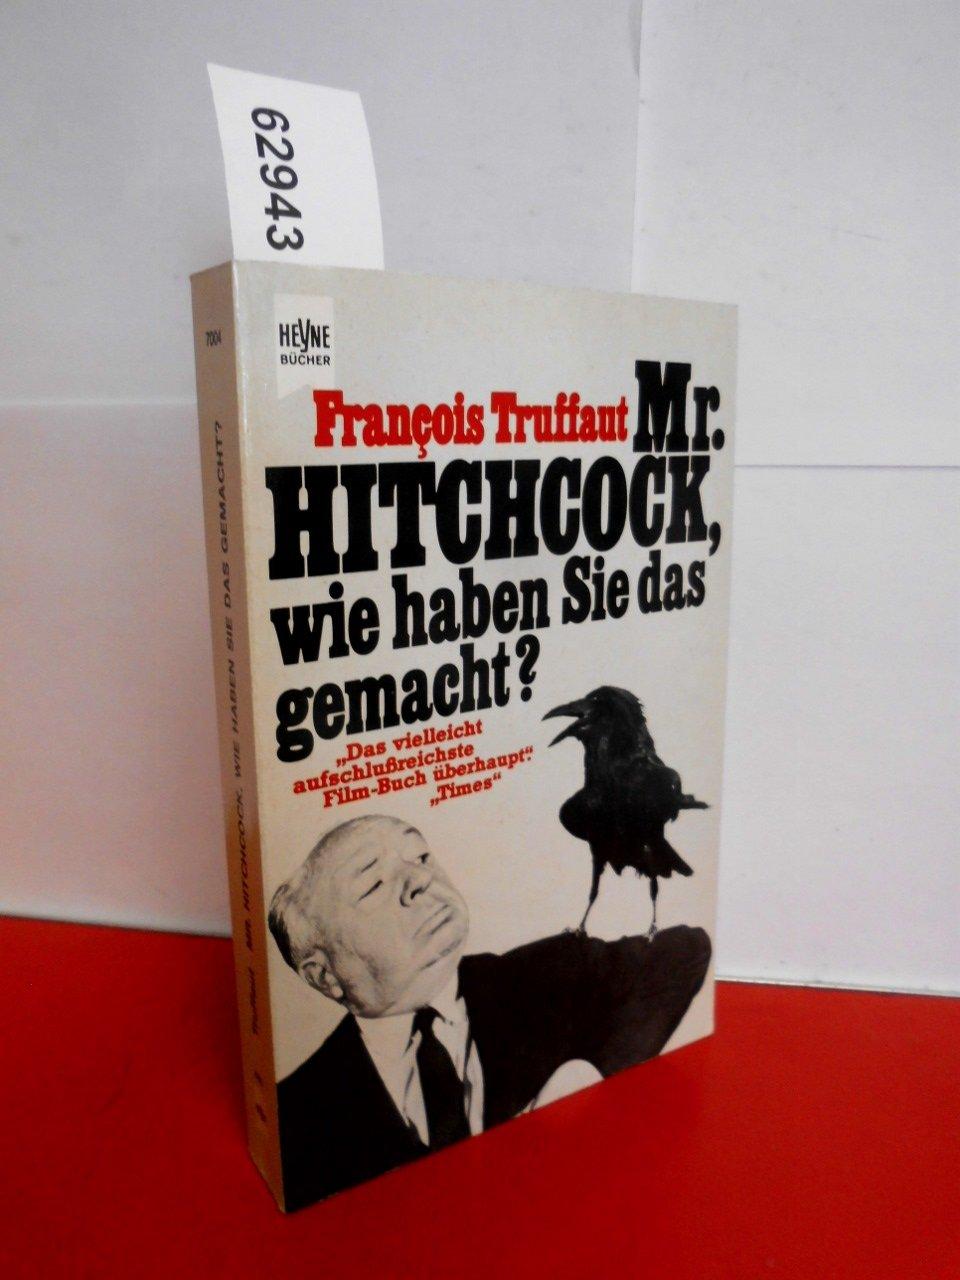 Mr. Hitchcock, wie haben Sie das gemacht?